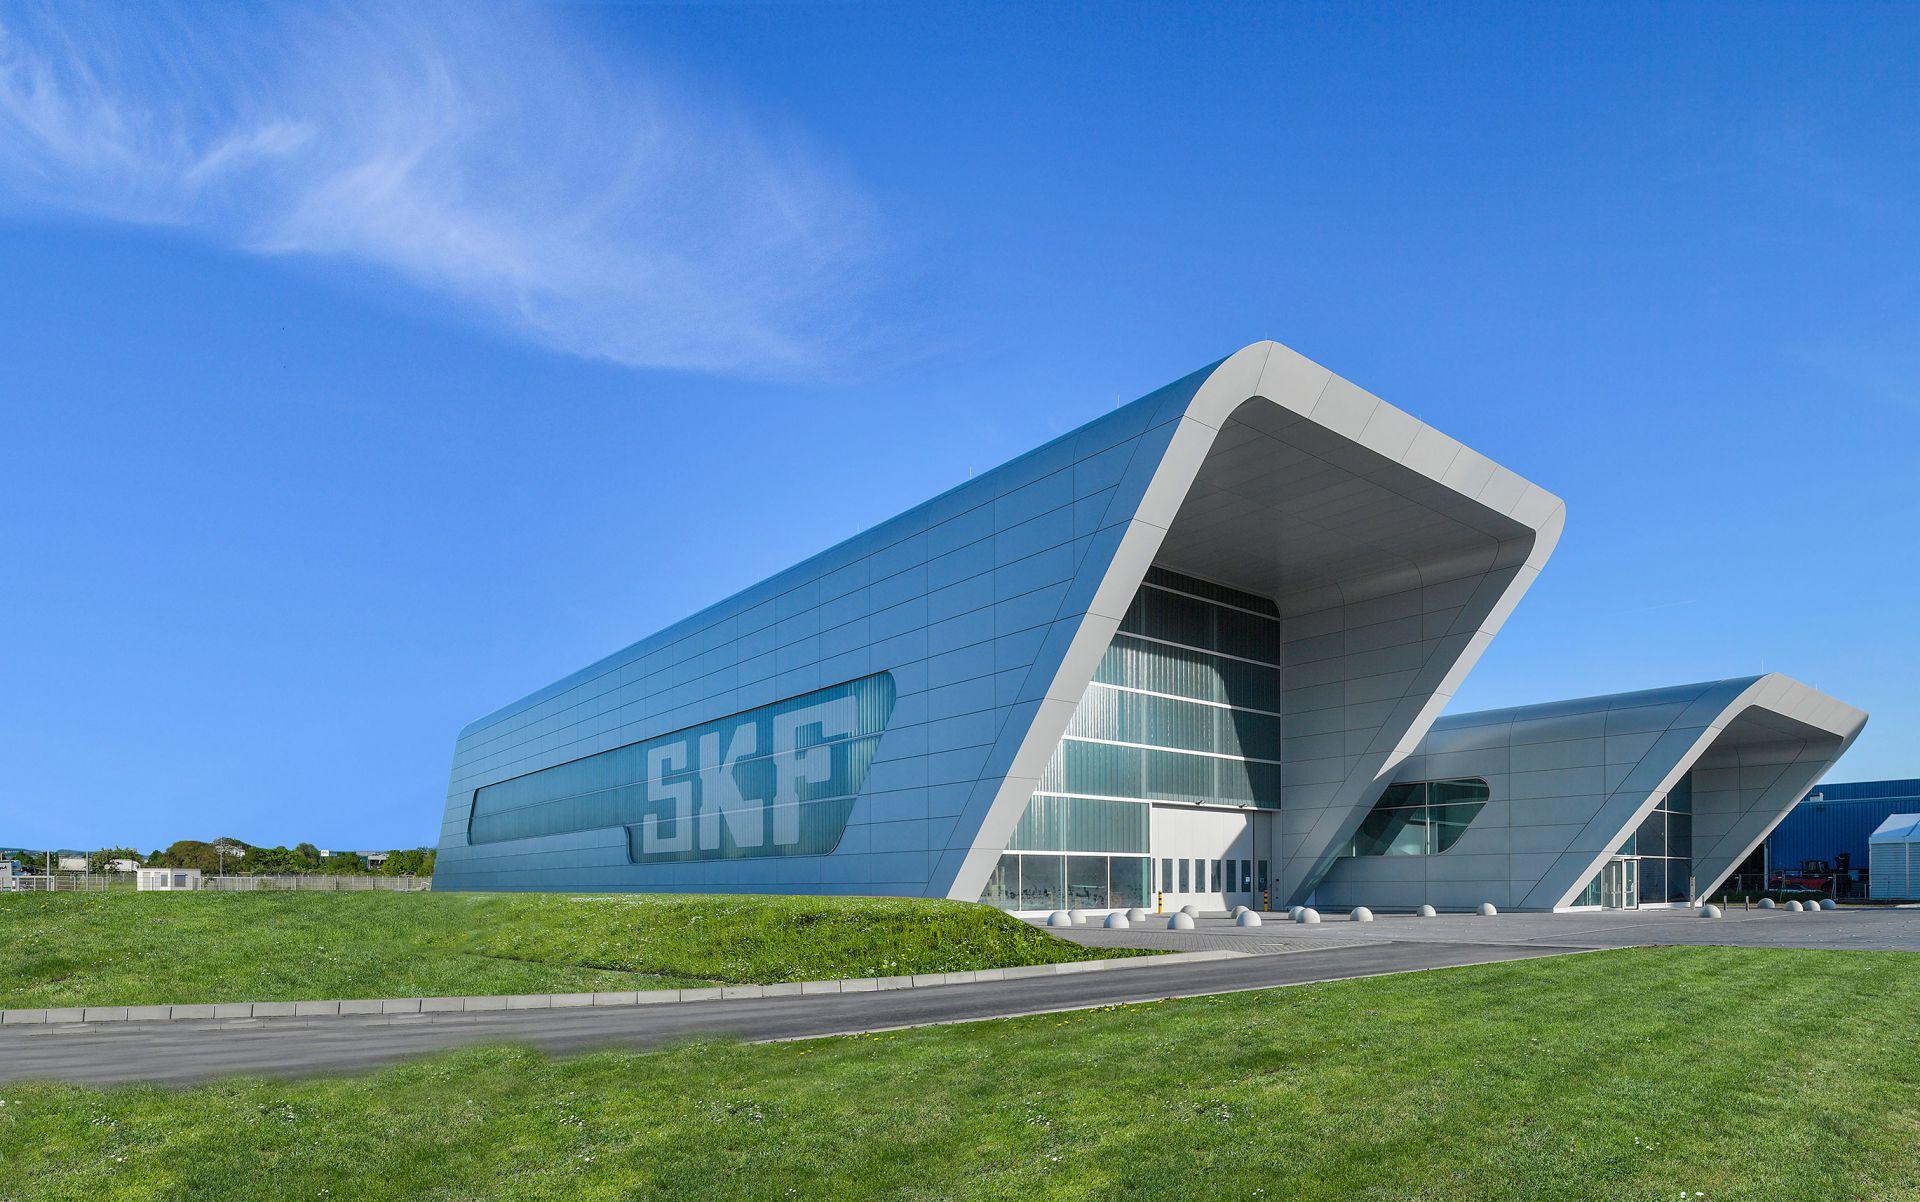 全球首屈一指的大型轴承测试中心投入运行